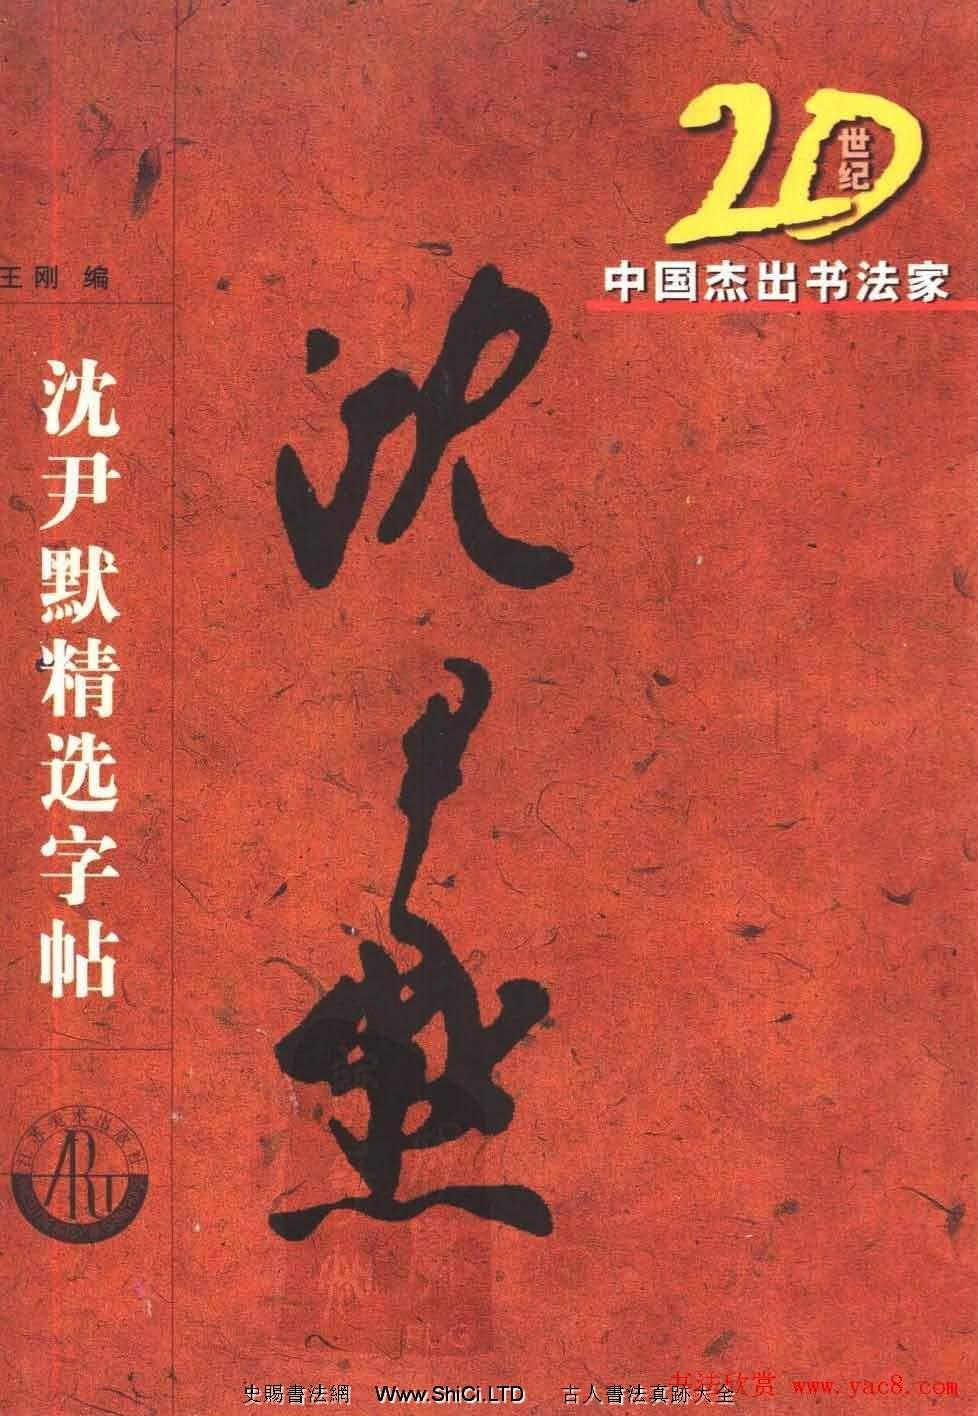 20世紀中國傑出書法家沈尹默精選字帖(共27張圖片)